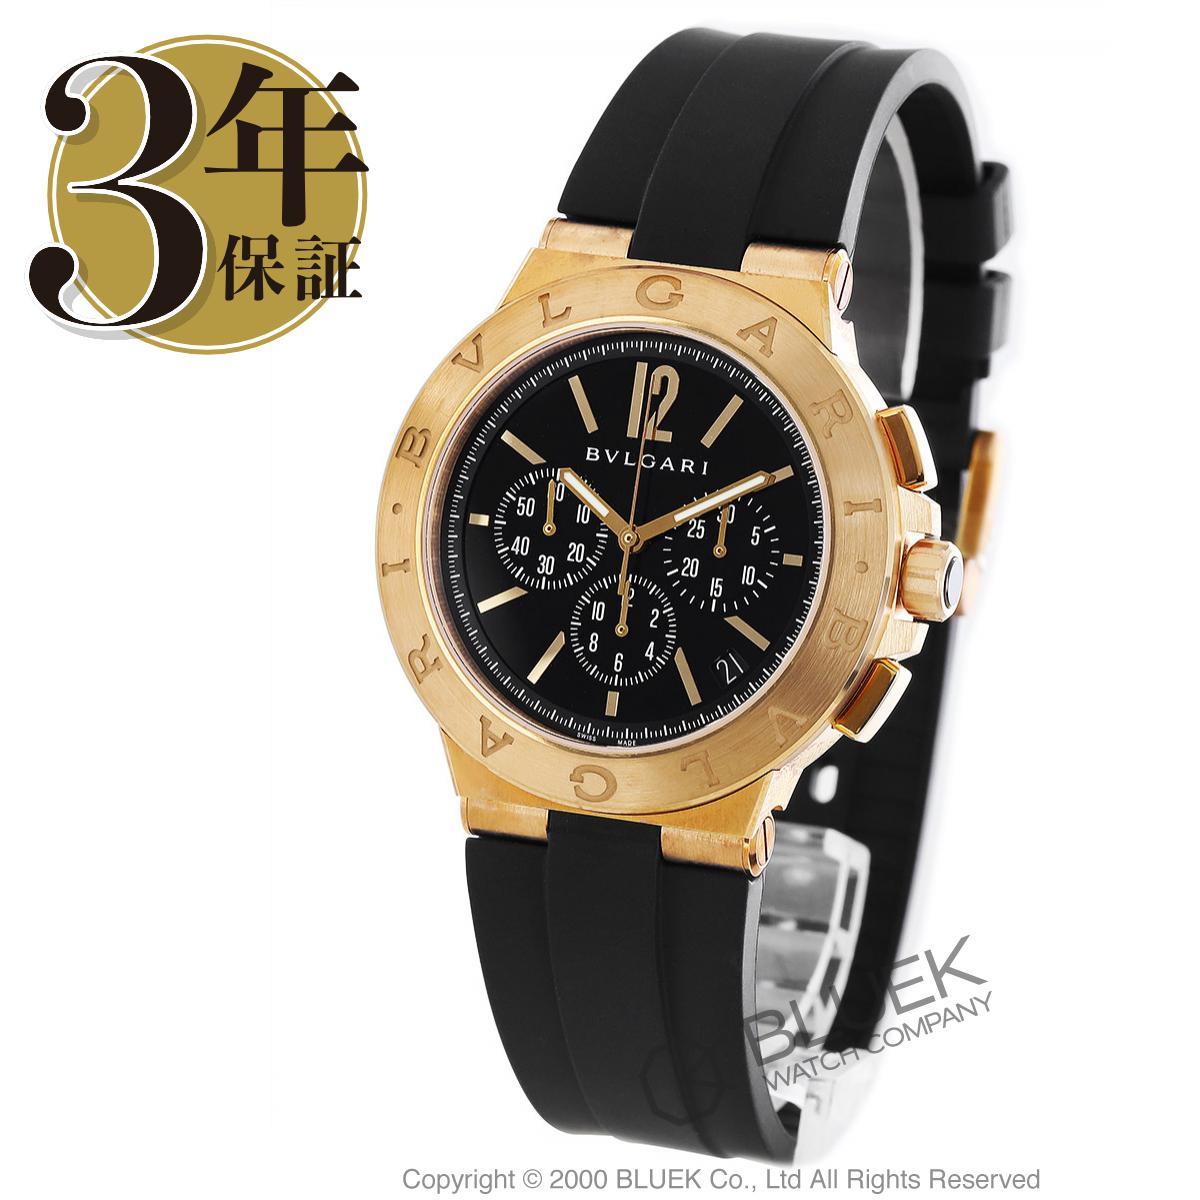 ブルガリ ディアゴノ ヴェロチッシモ クロノグラフ PG金無垢 替えベルト付き 腕時計 メンズ BVLGARI DGP41BGVDCH-SET-BRW_8